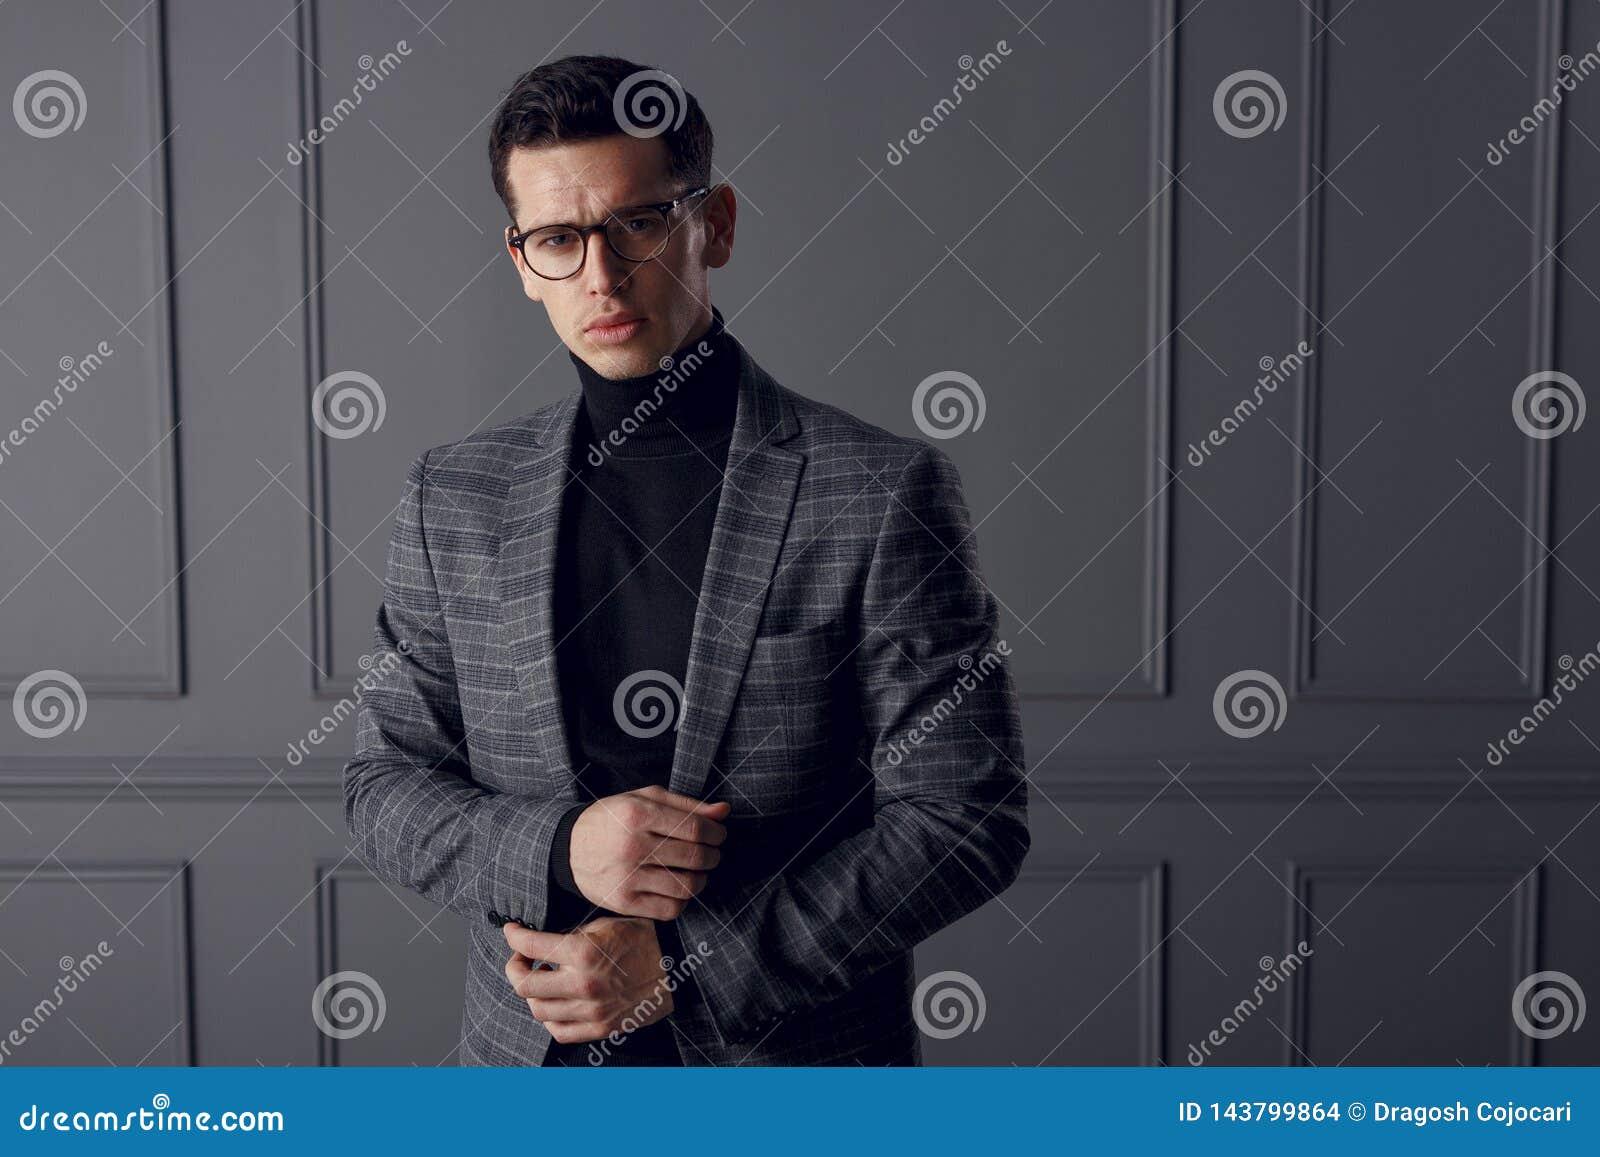 Красивый человек в серой куртке и черном turtleneck, стоя во фронте и выглядя уверенный, на серой предпосылке стены